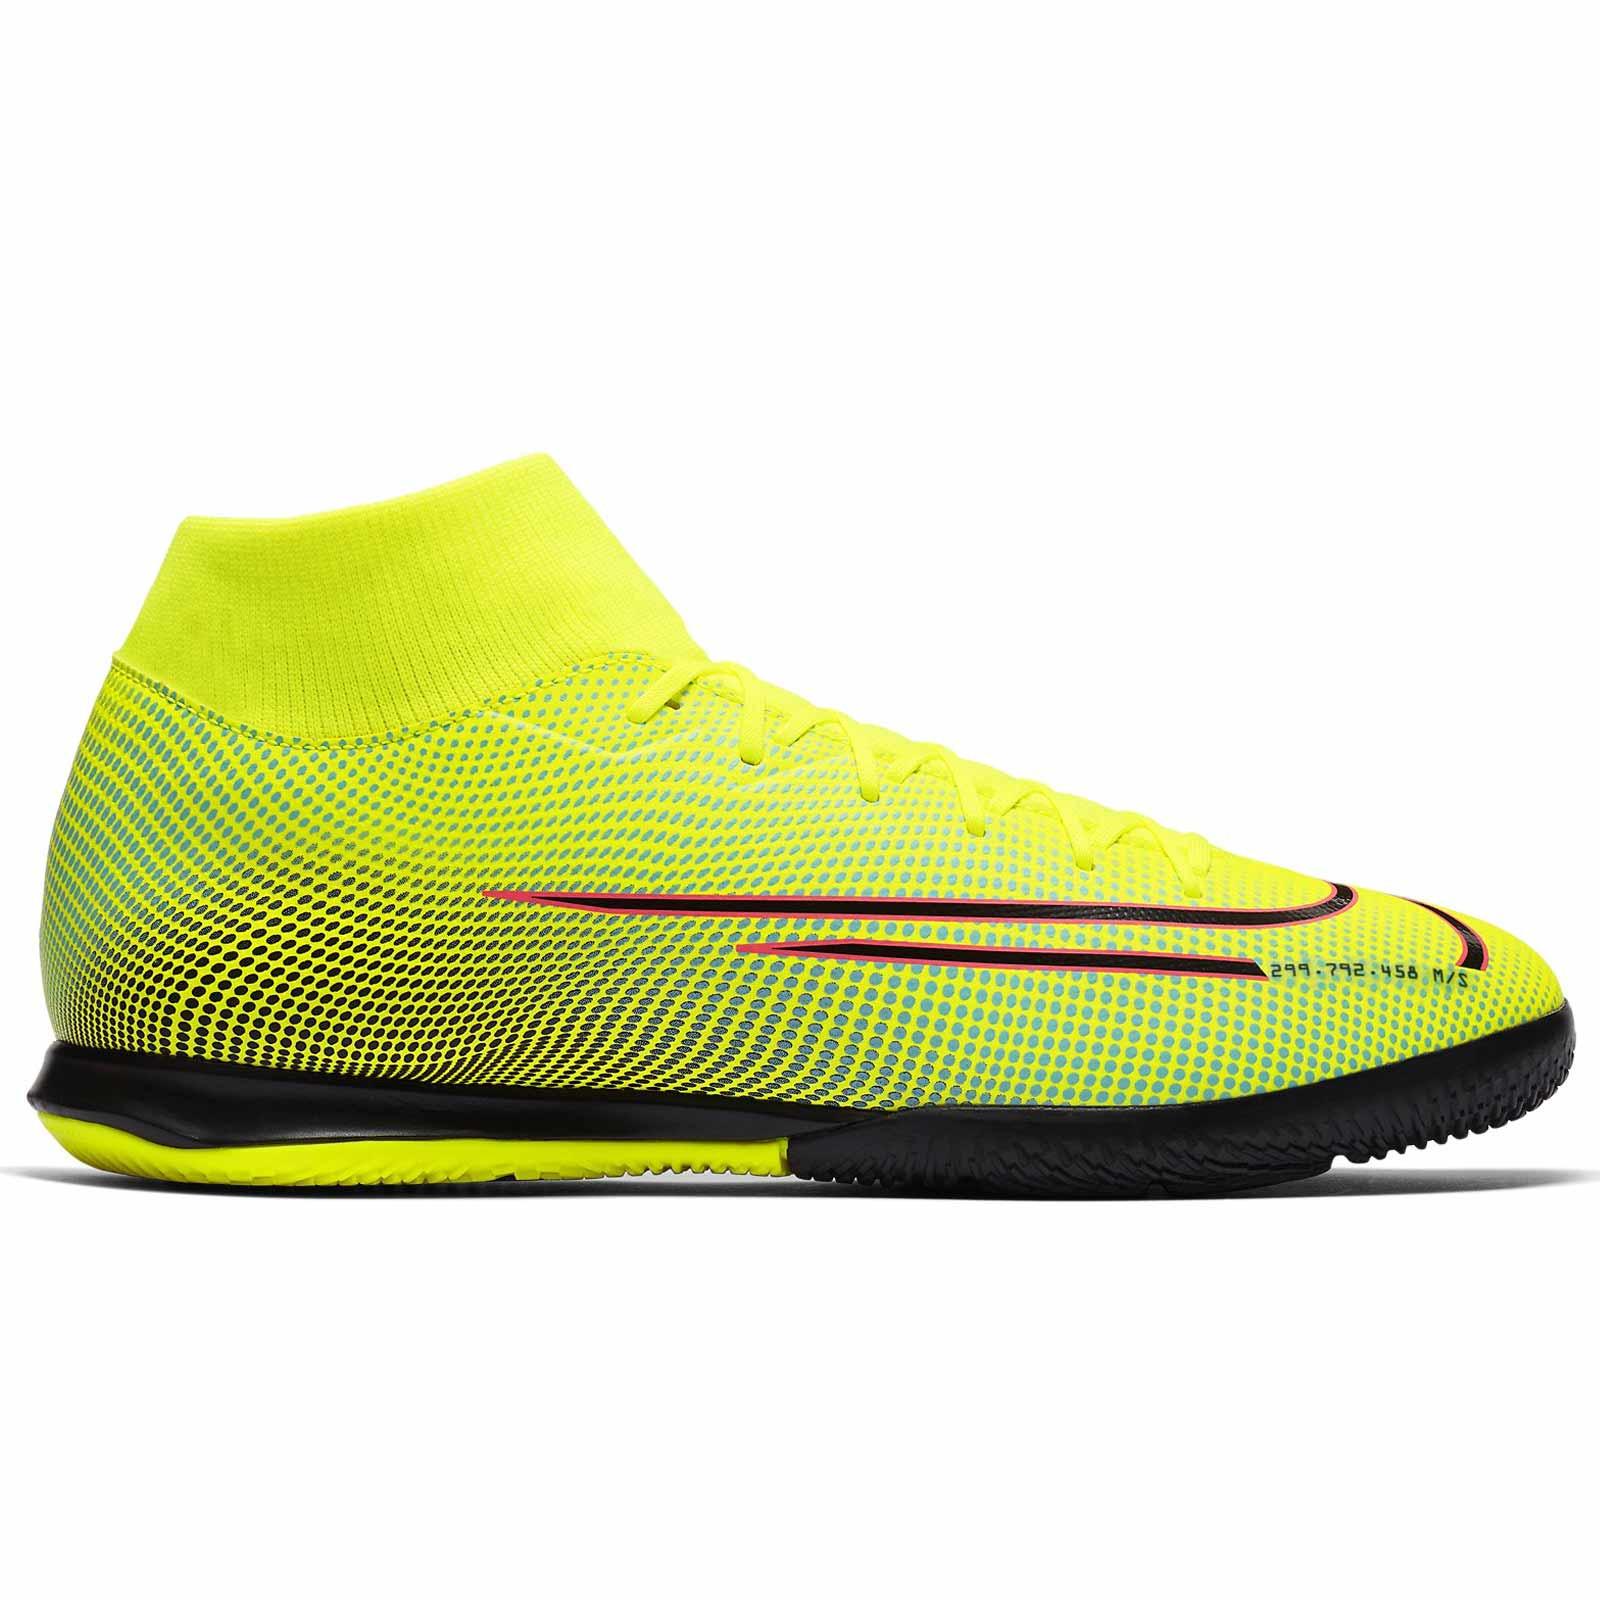 Mareo esclavo financiero  botas de futbol sala nike con tobillera - Tienda Online de Zapatos, Ropa y  Complementos de marca